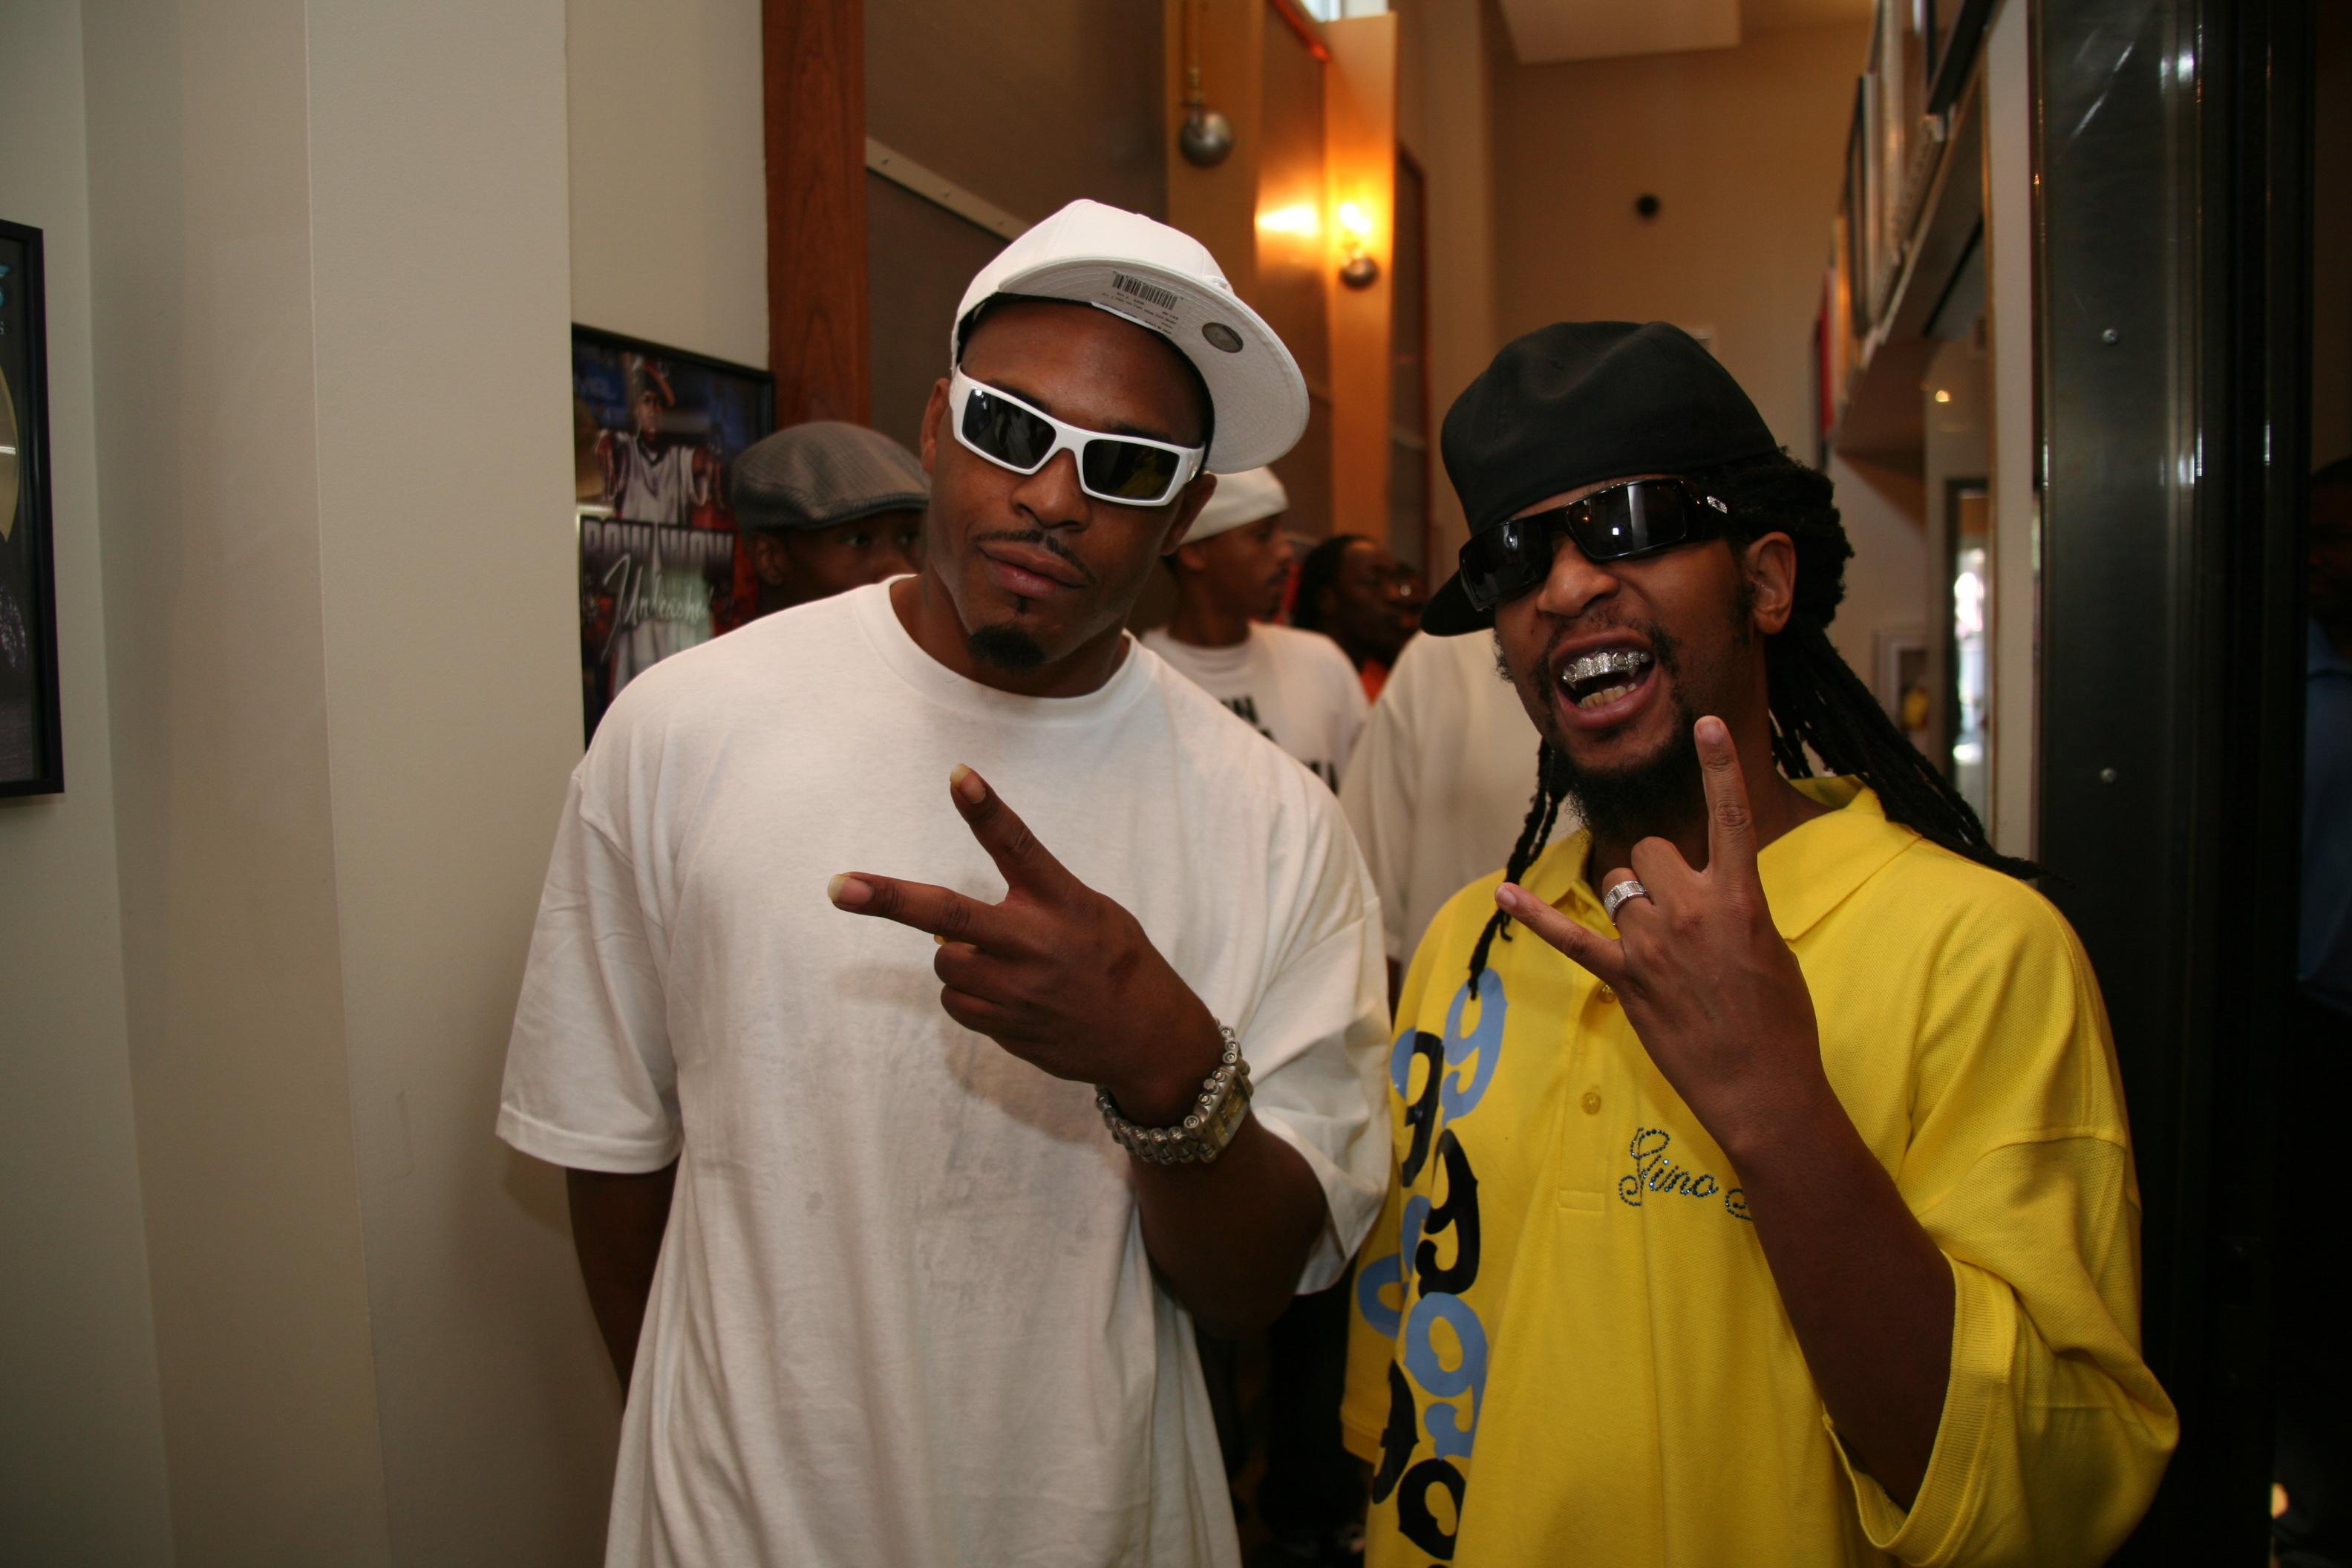 Lil Jon Photos